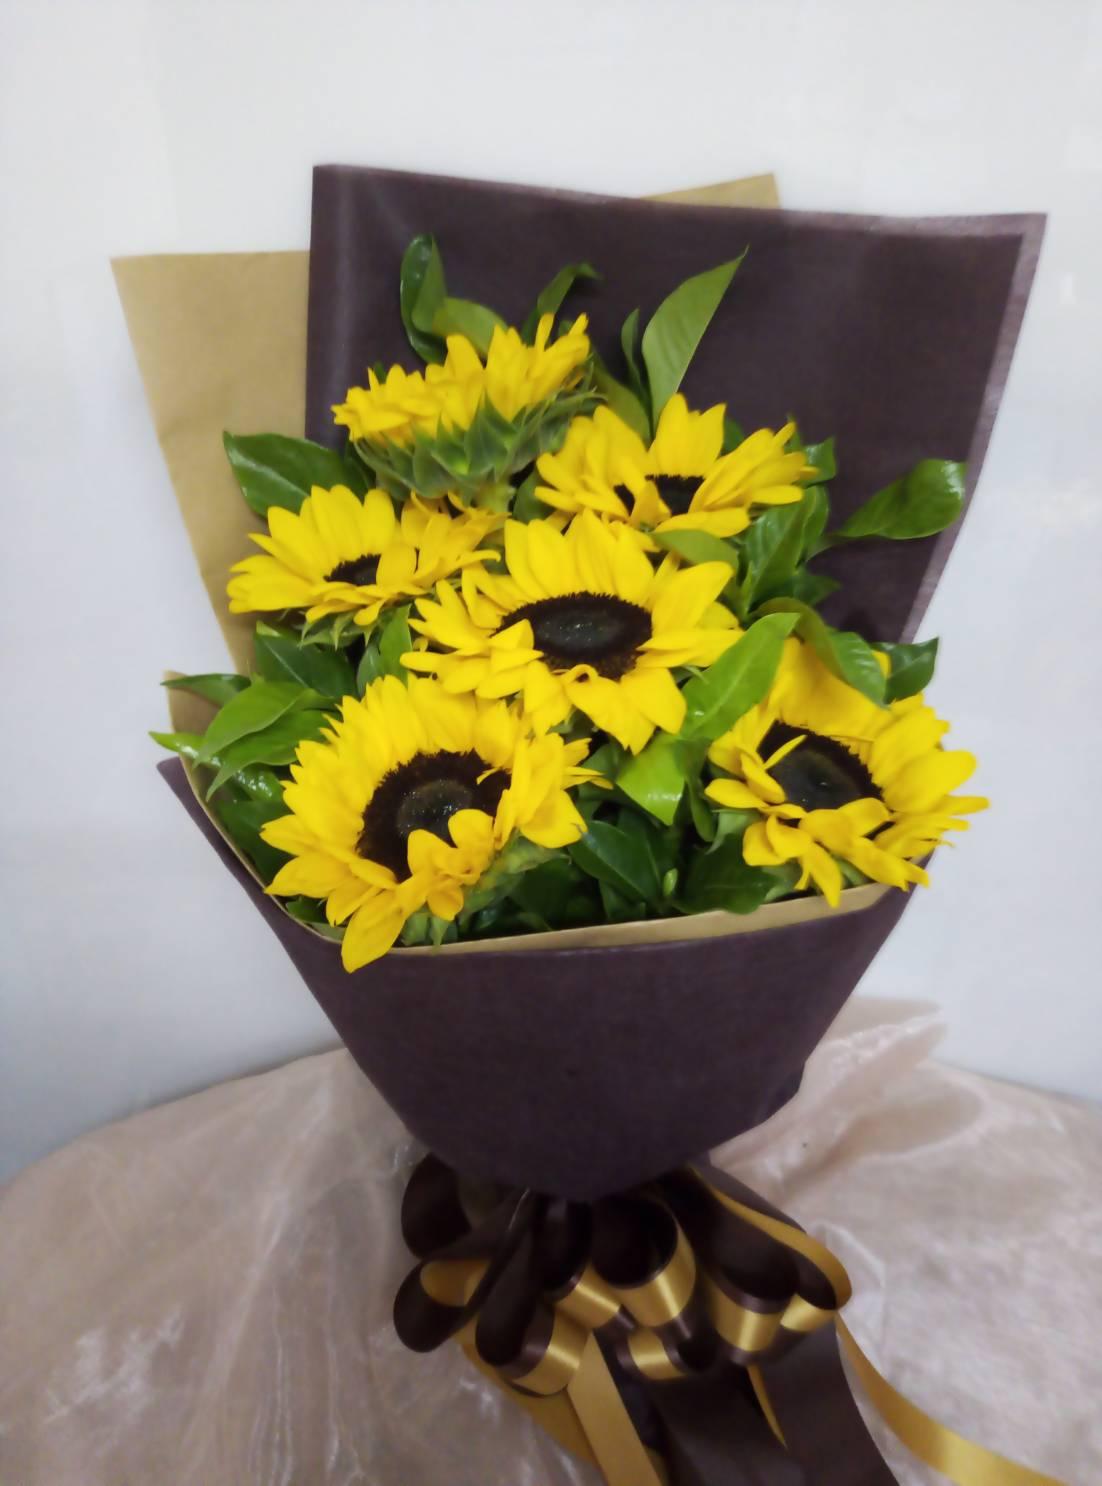 ช่อดอกทานตะวันสีเหลืองอร่ามสดใส ให้ความรู้สึกสดชื่นตลอดทั้งวัน